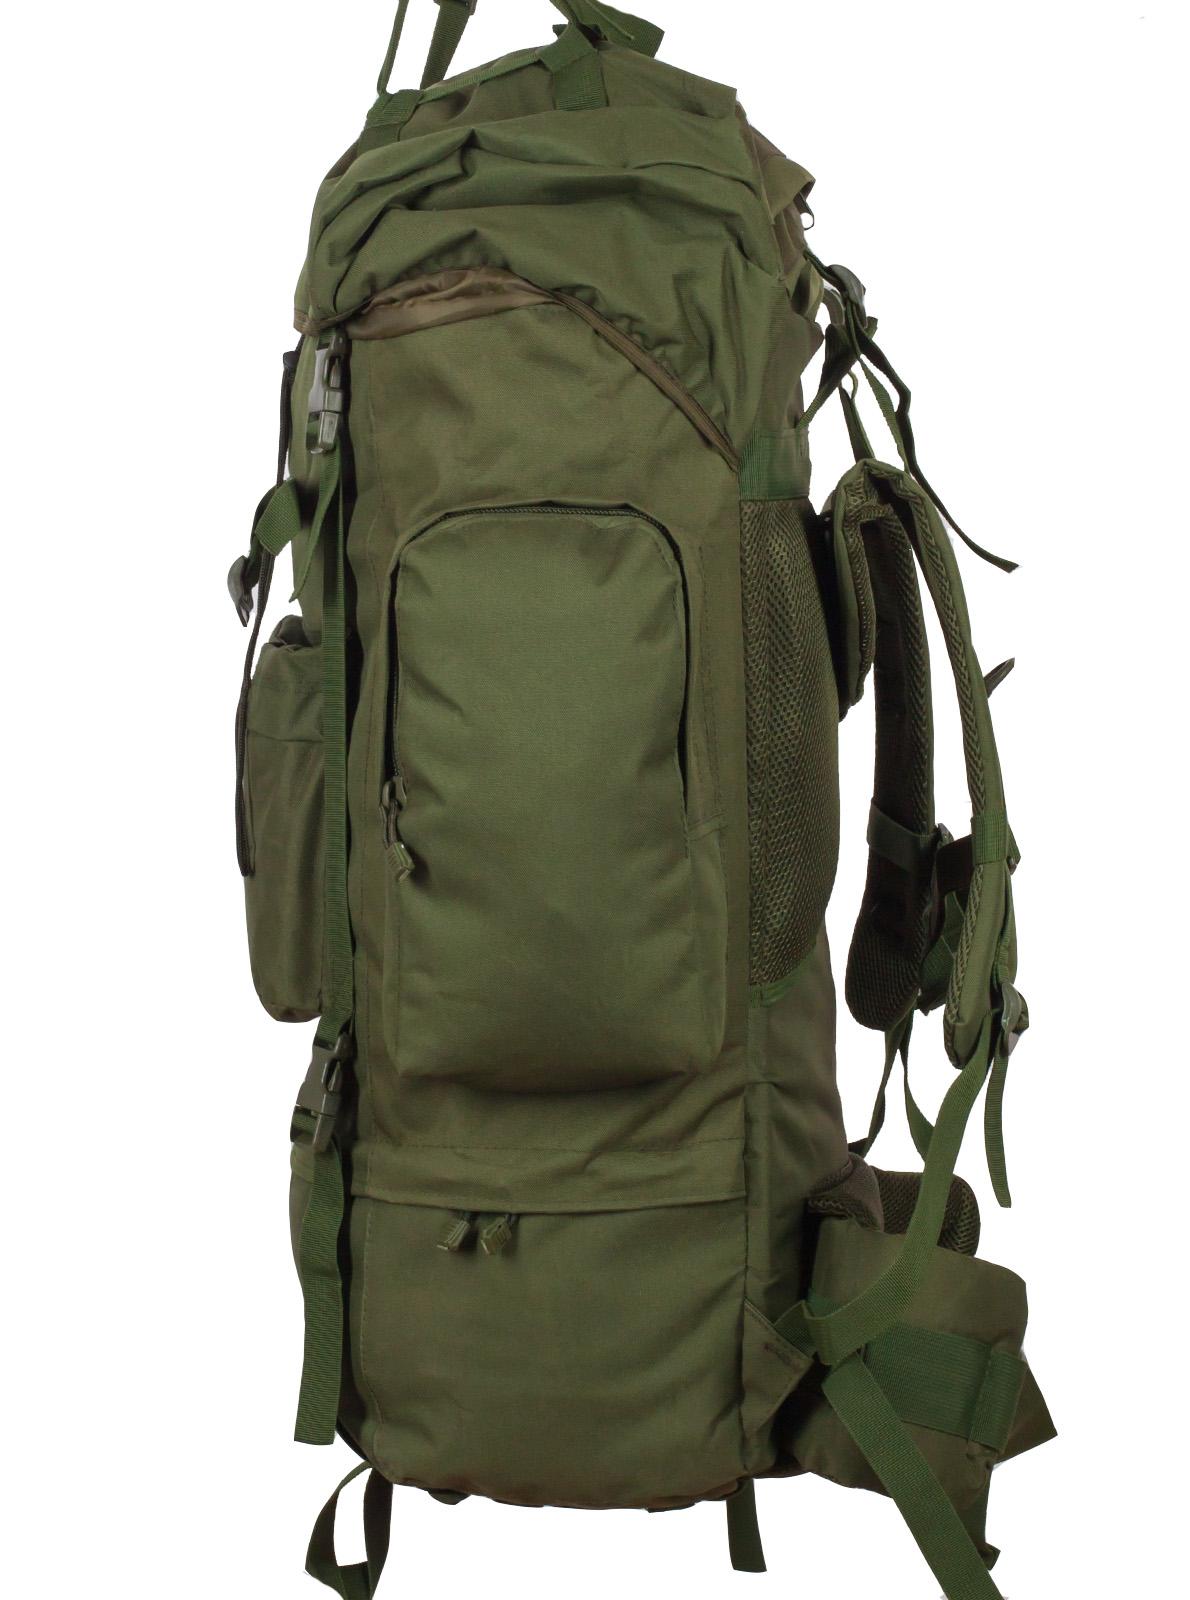 Армейский каркасный рюкзак с нашивкой ДПС - заказать в розницу